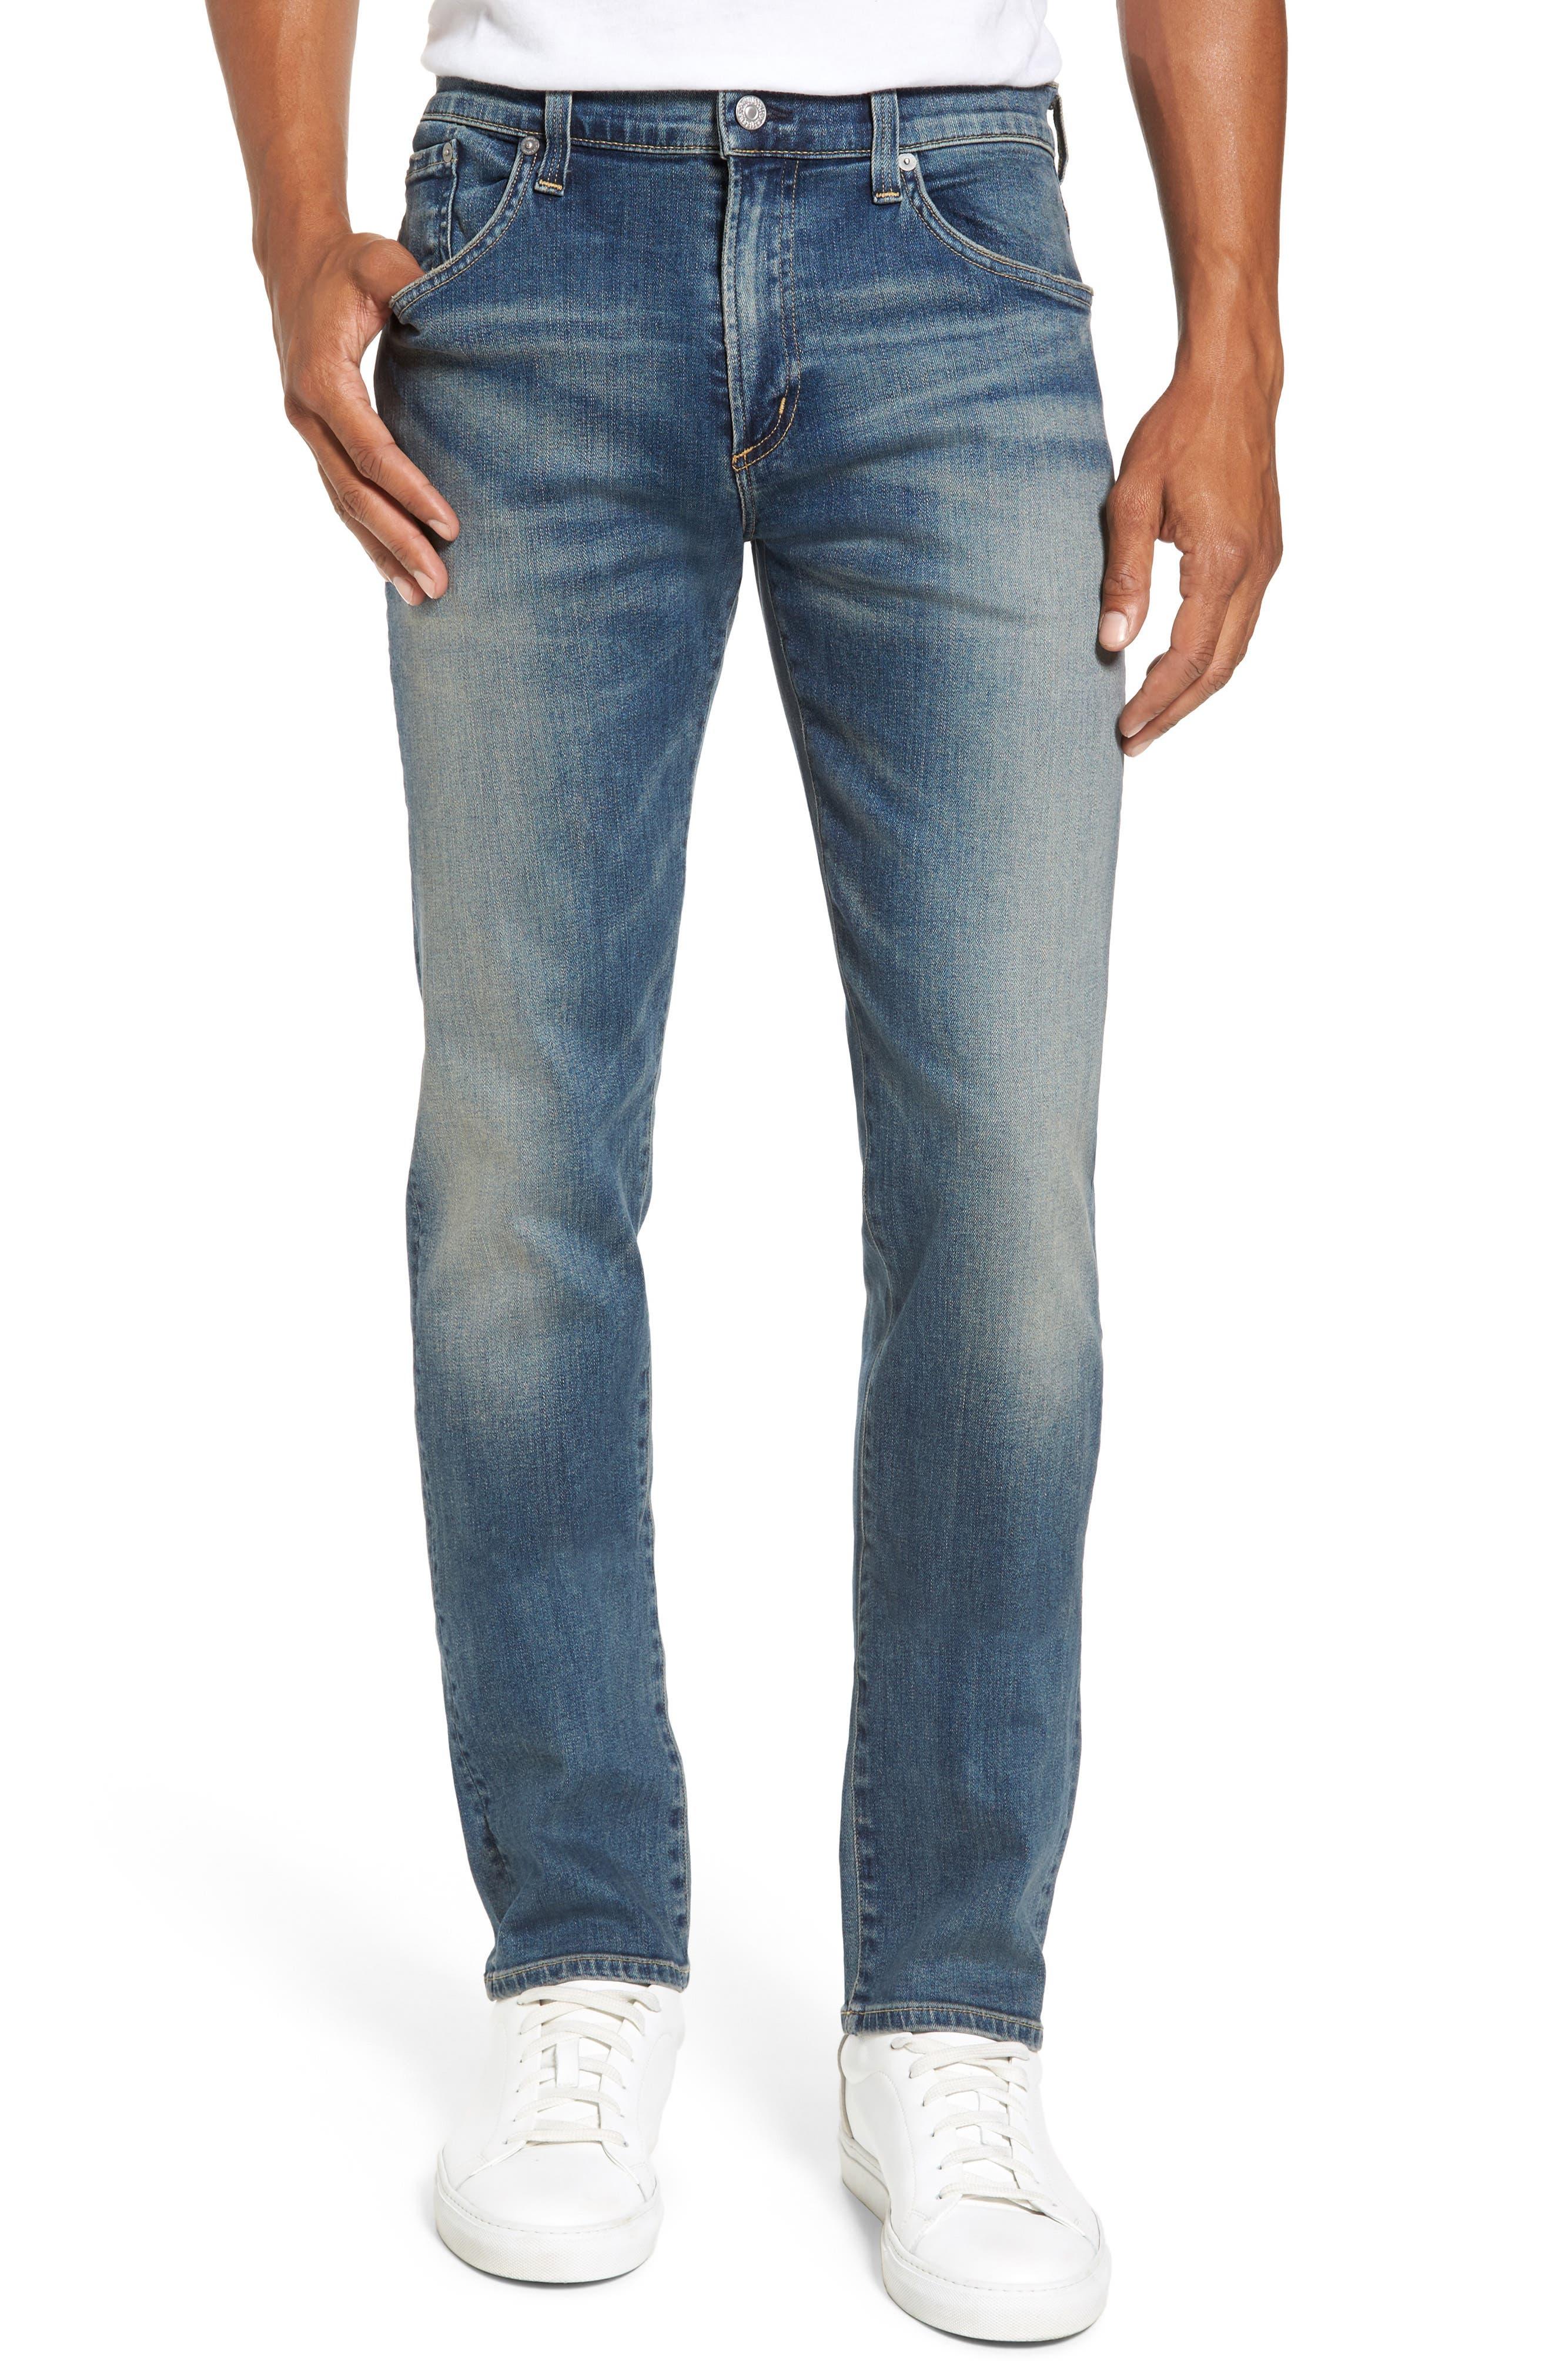 Core Slim Fit Jeans,                         Main,                         color, Millais